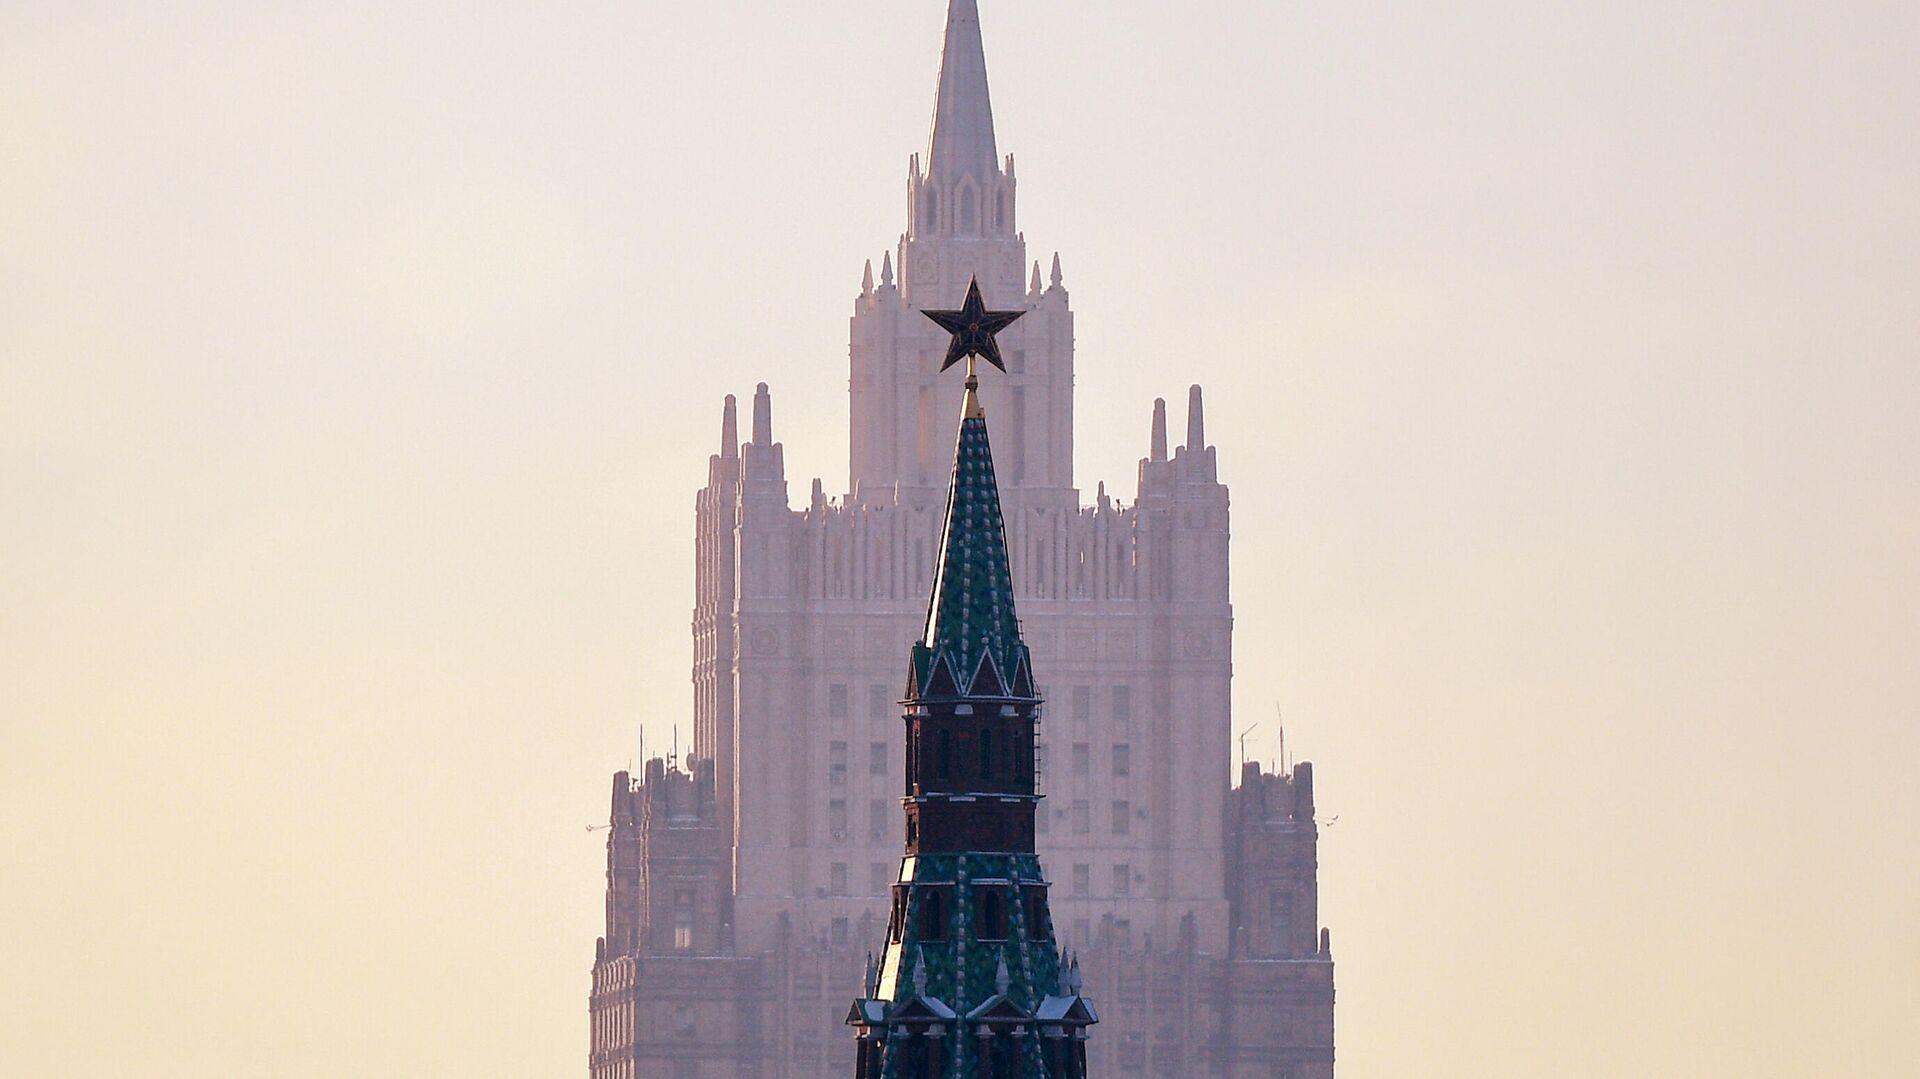 Вид на здание МИД в Москве - РИА Новости, 1920, 17.03.2021